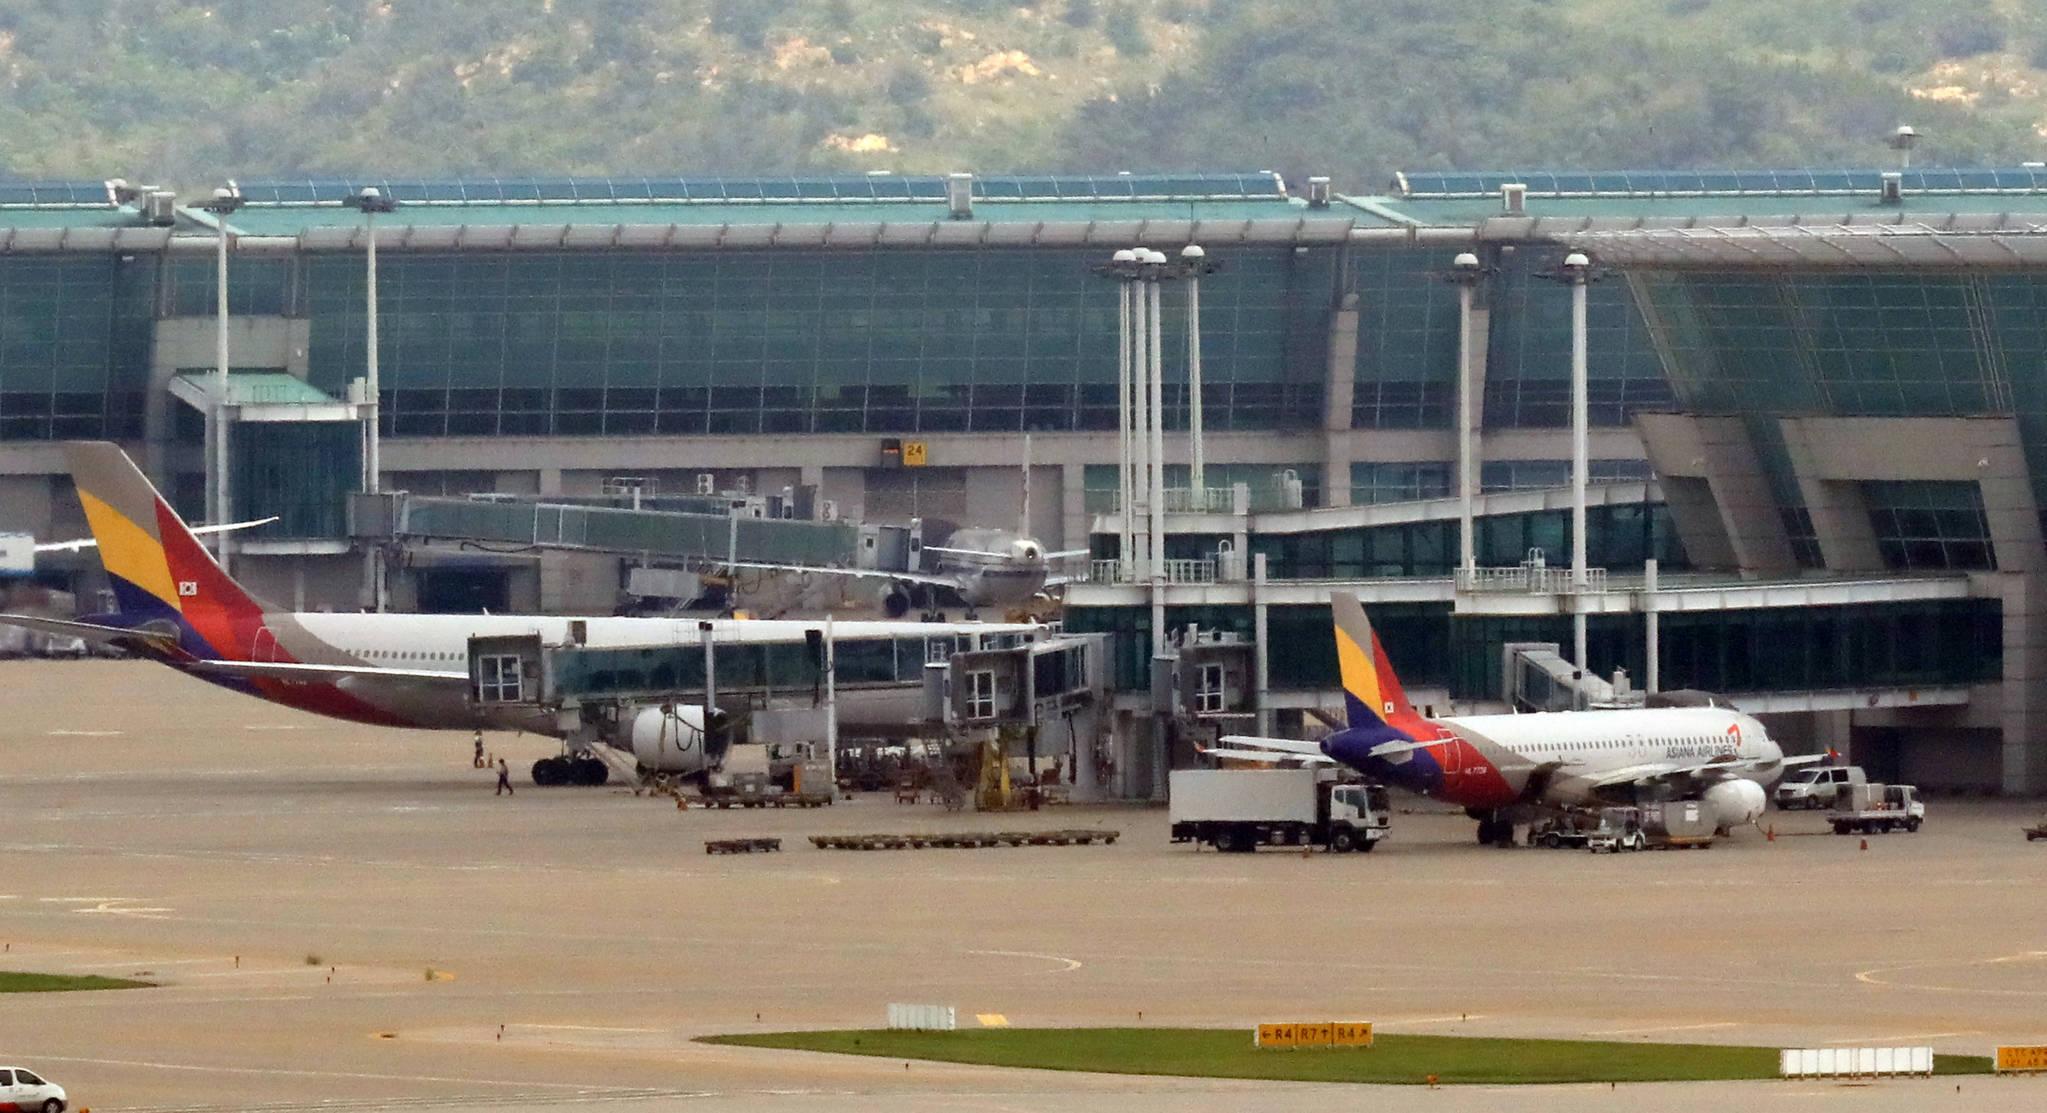 3일 인천국제공항에서 아시아나항공기들이 출발을 기다리고 있다. [연합뉴스]